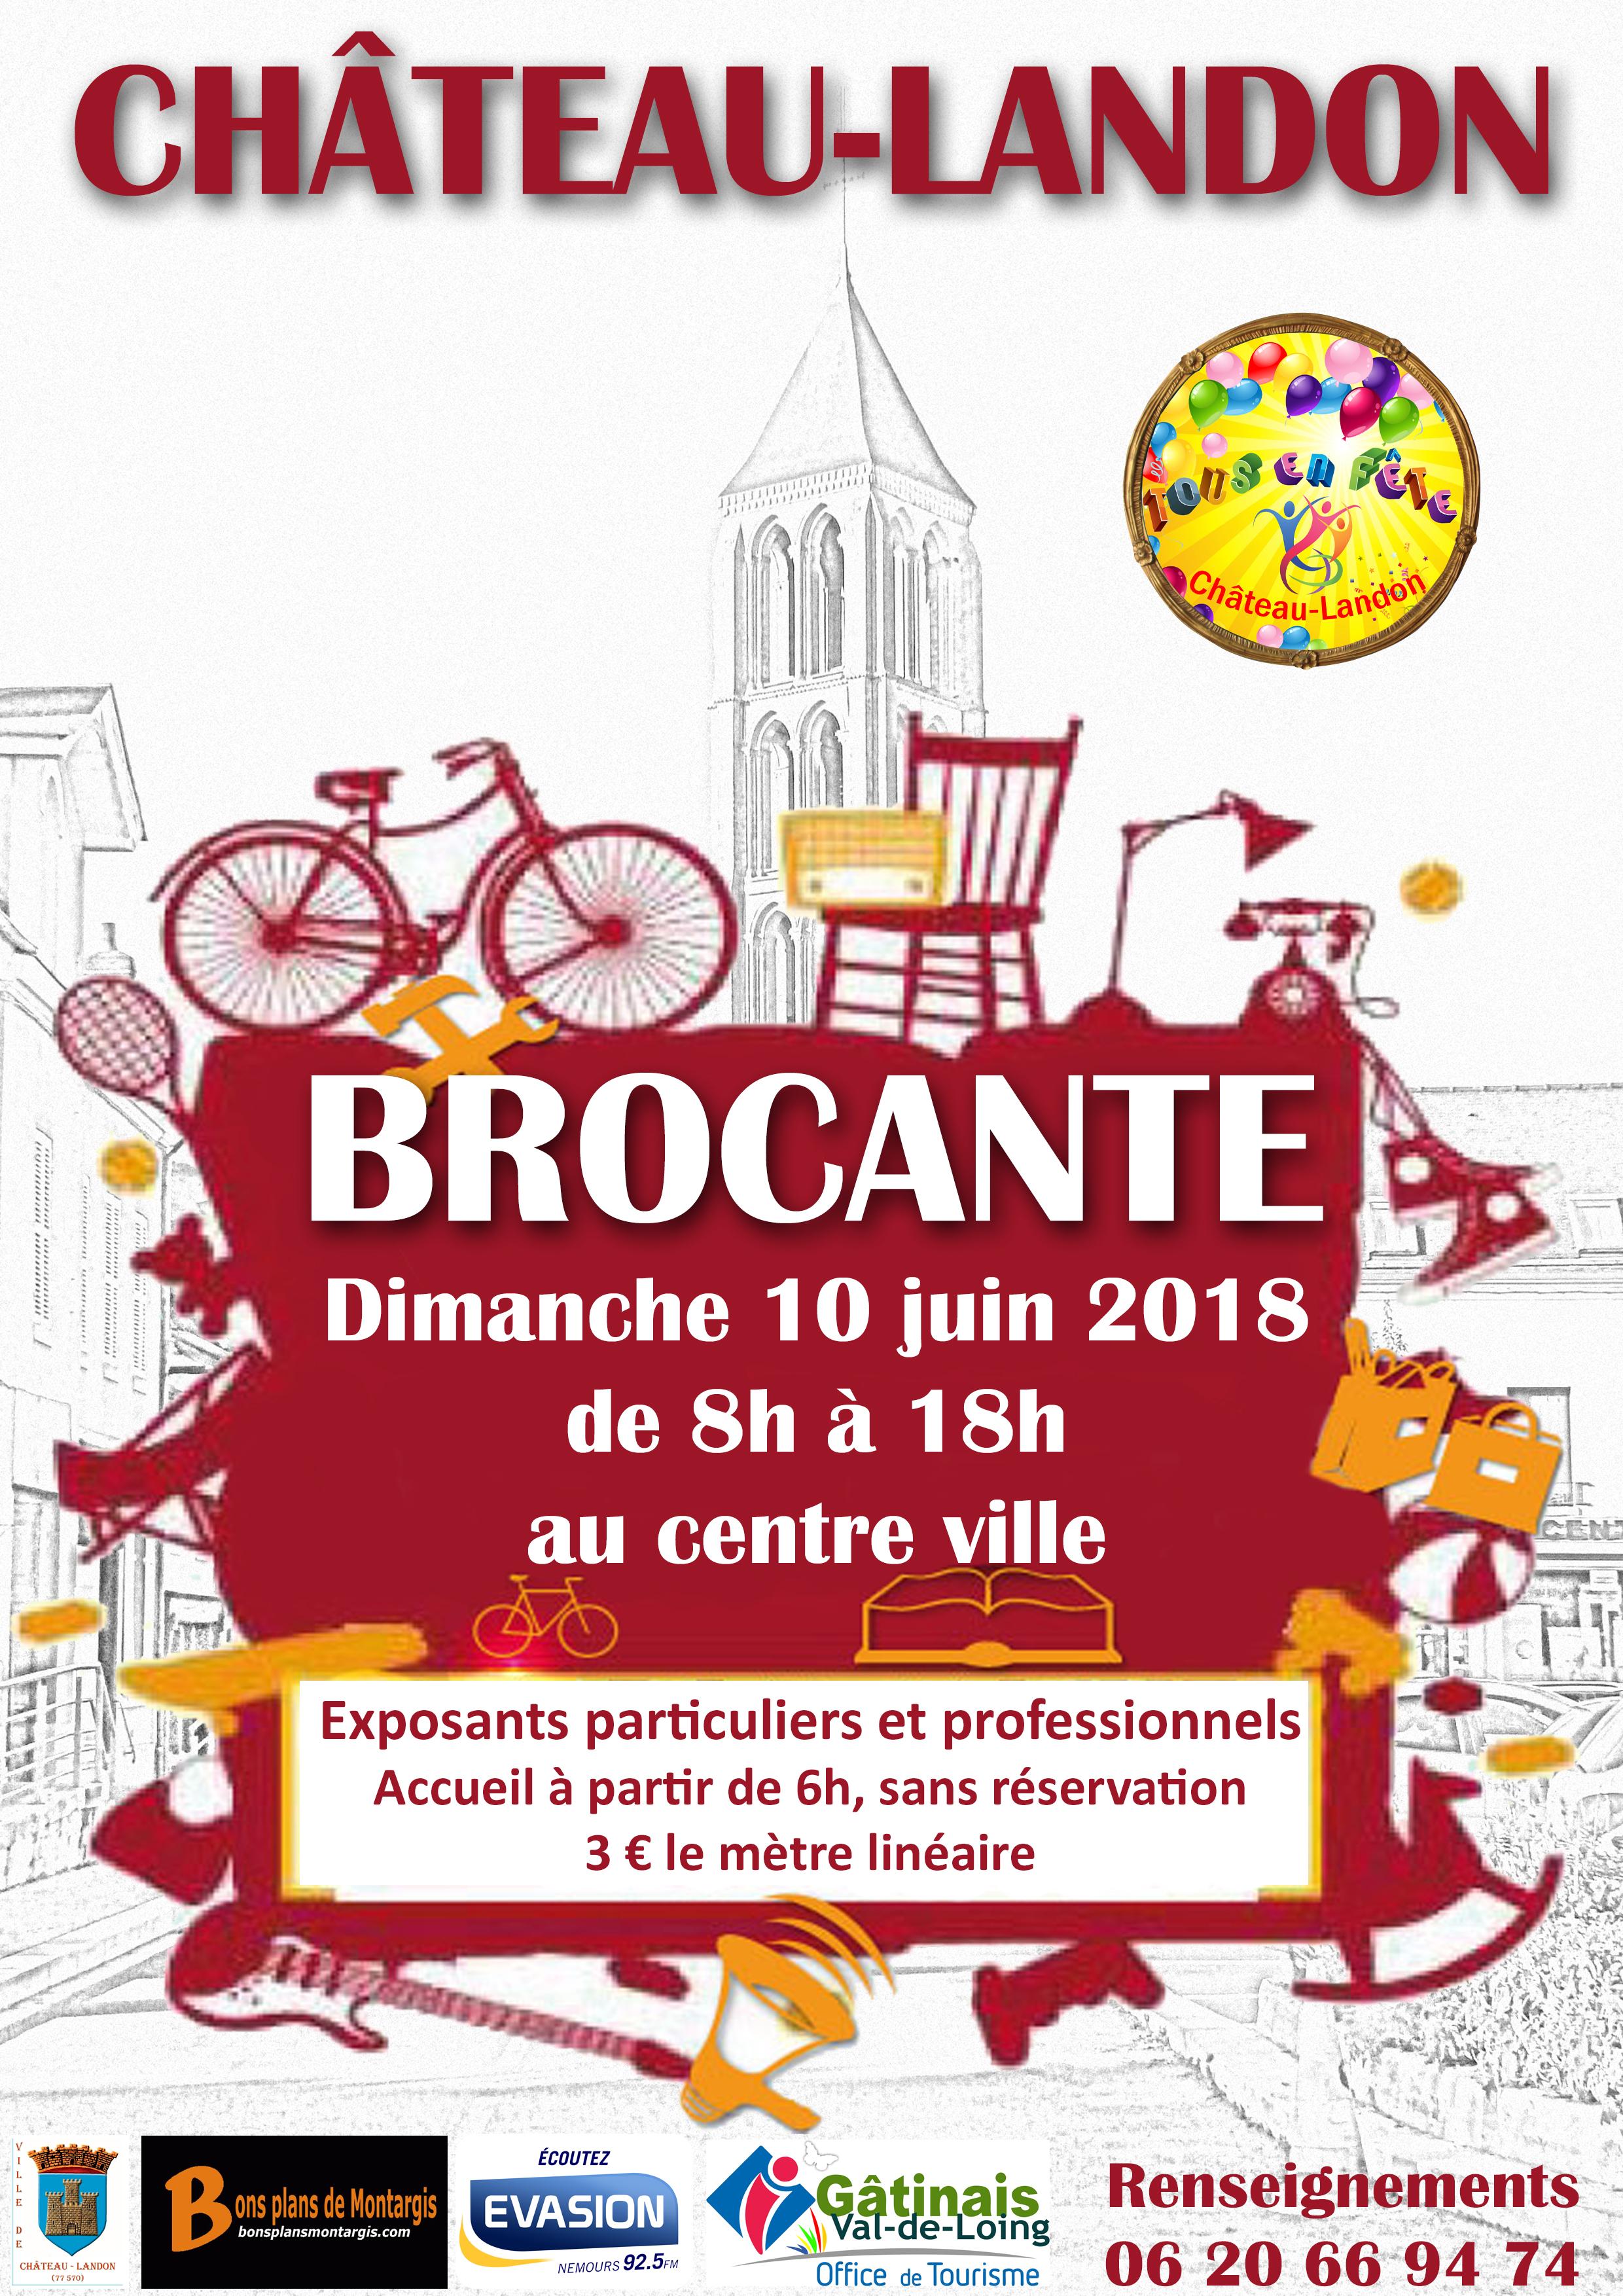 affiche brocante 10 juin 2018 château-landon | ville de château-landon